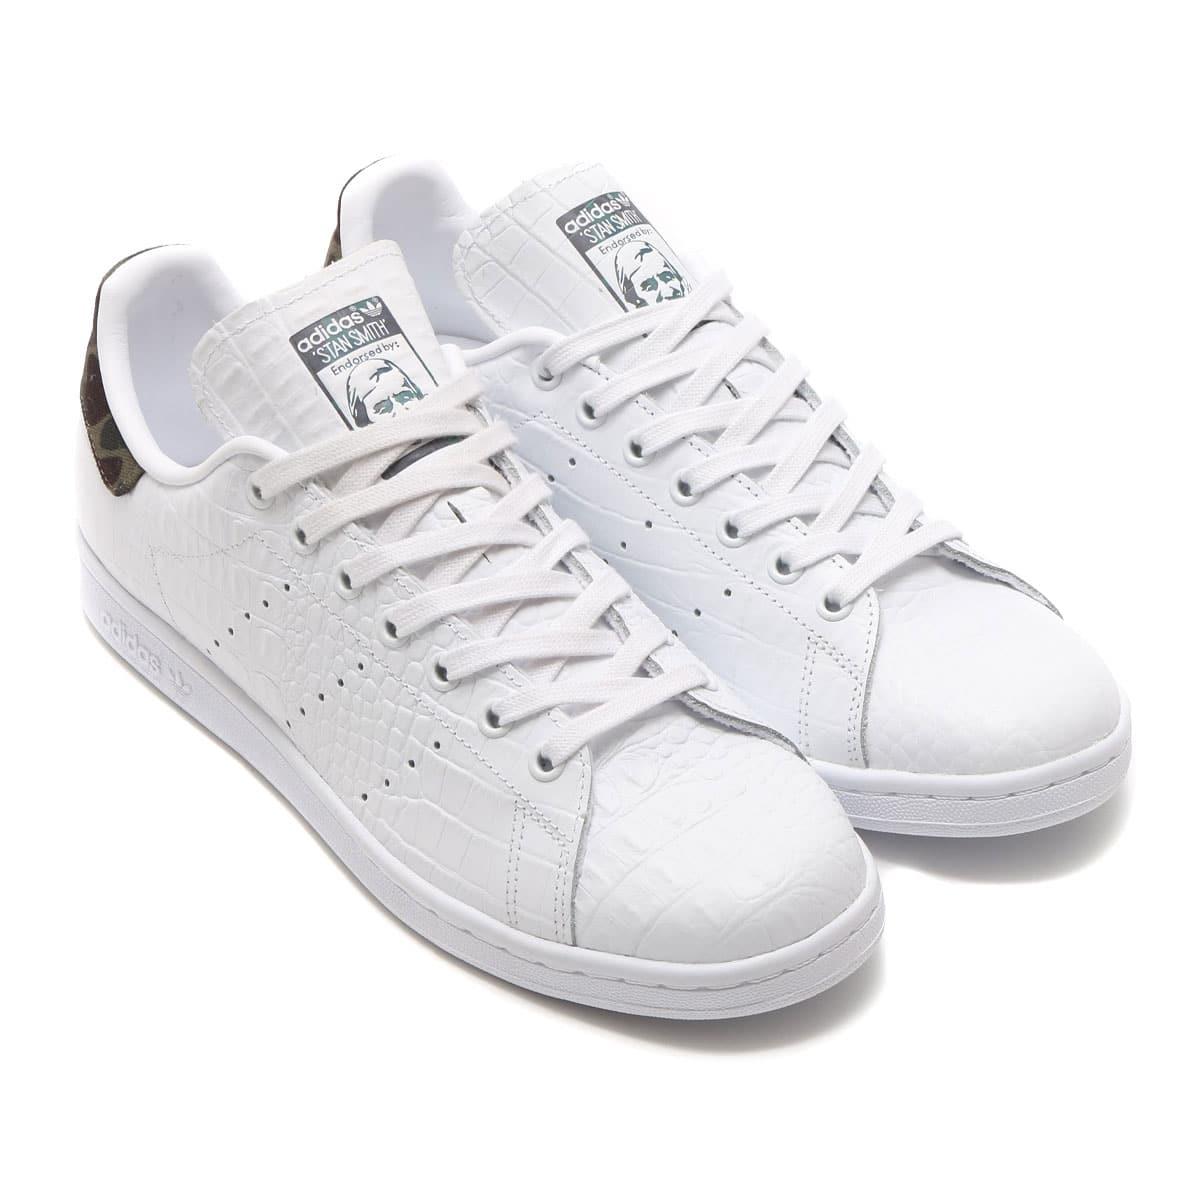 adidas stan smith white core black